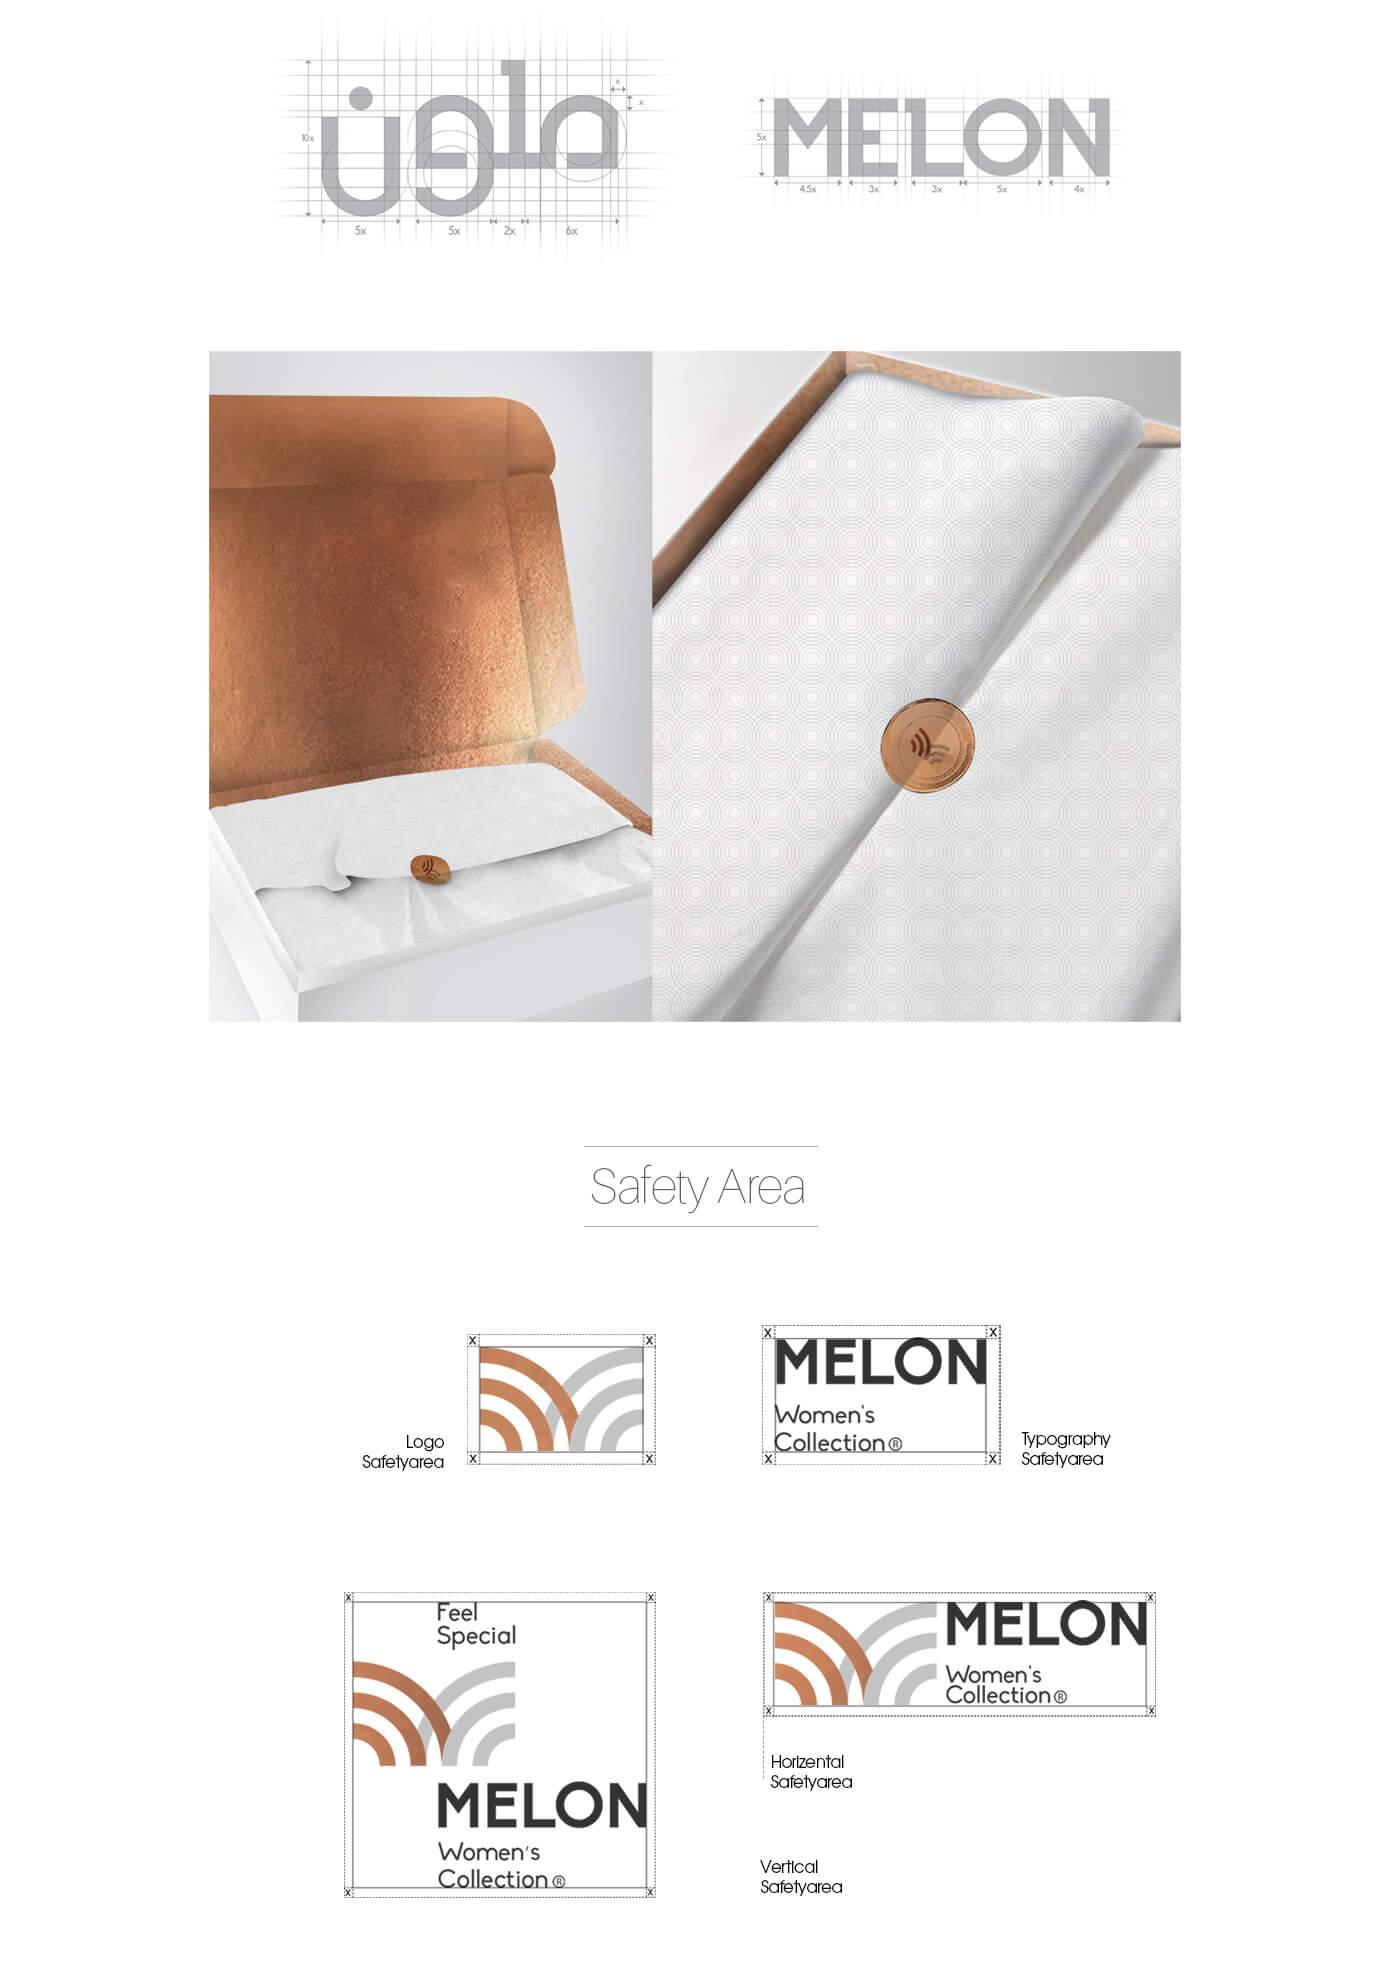 هویت بصری مجموعه طراحی لباس بانوان ملون 2، طراحی لباس بانوان ملون، هویت بصری، طراحی لوگو، طراحی لوگوتایپ، طراحی ست اداری، طراحی اوراق اداری، شرکت تبلیغاتی الف، طراحی هویت بصری